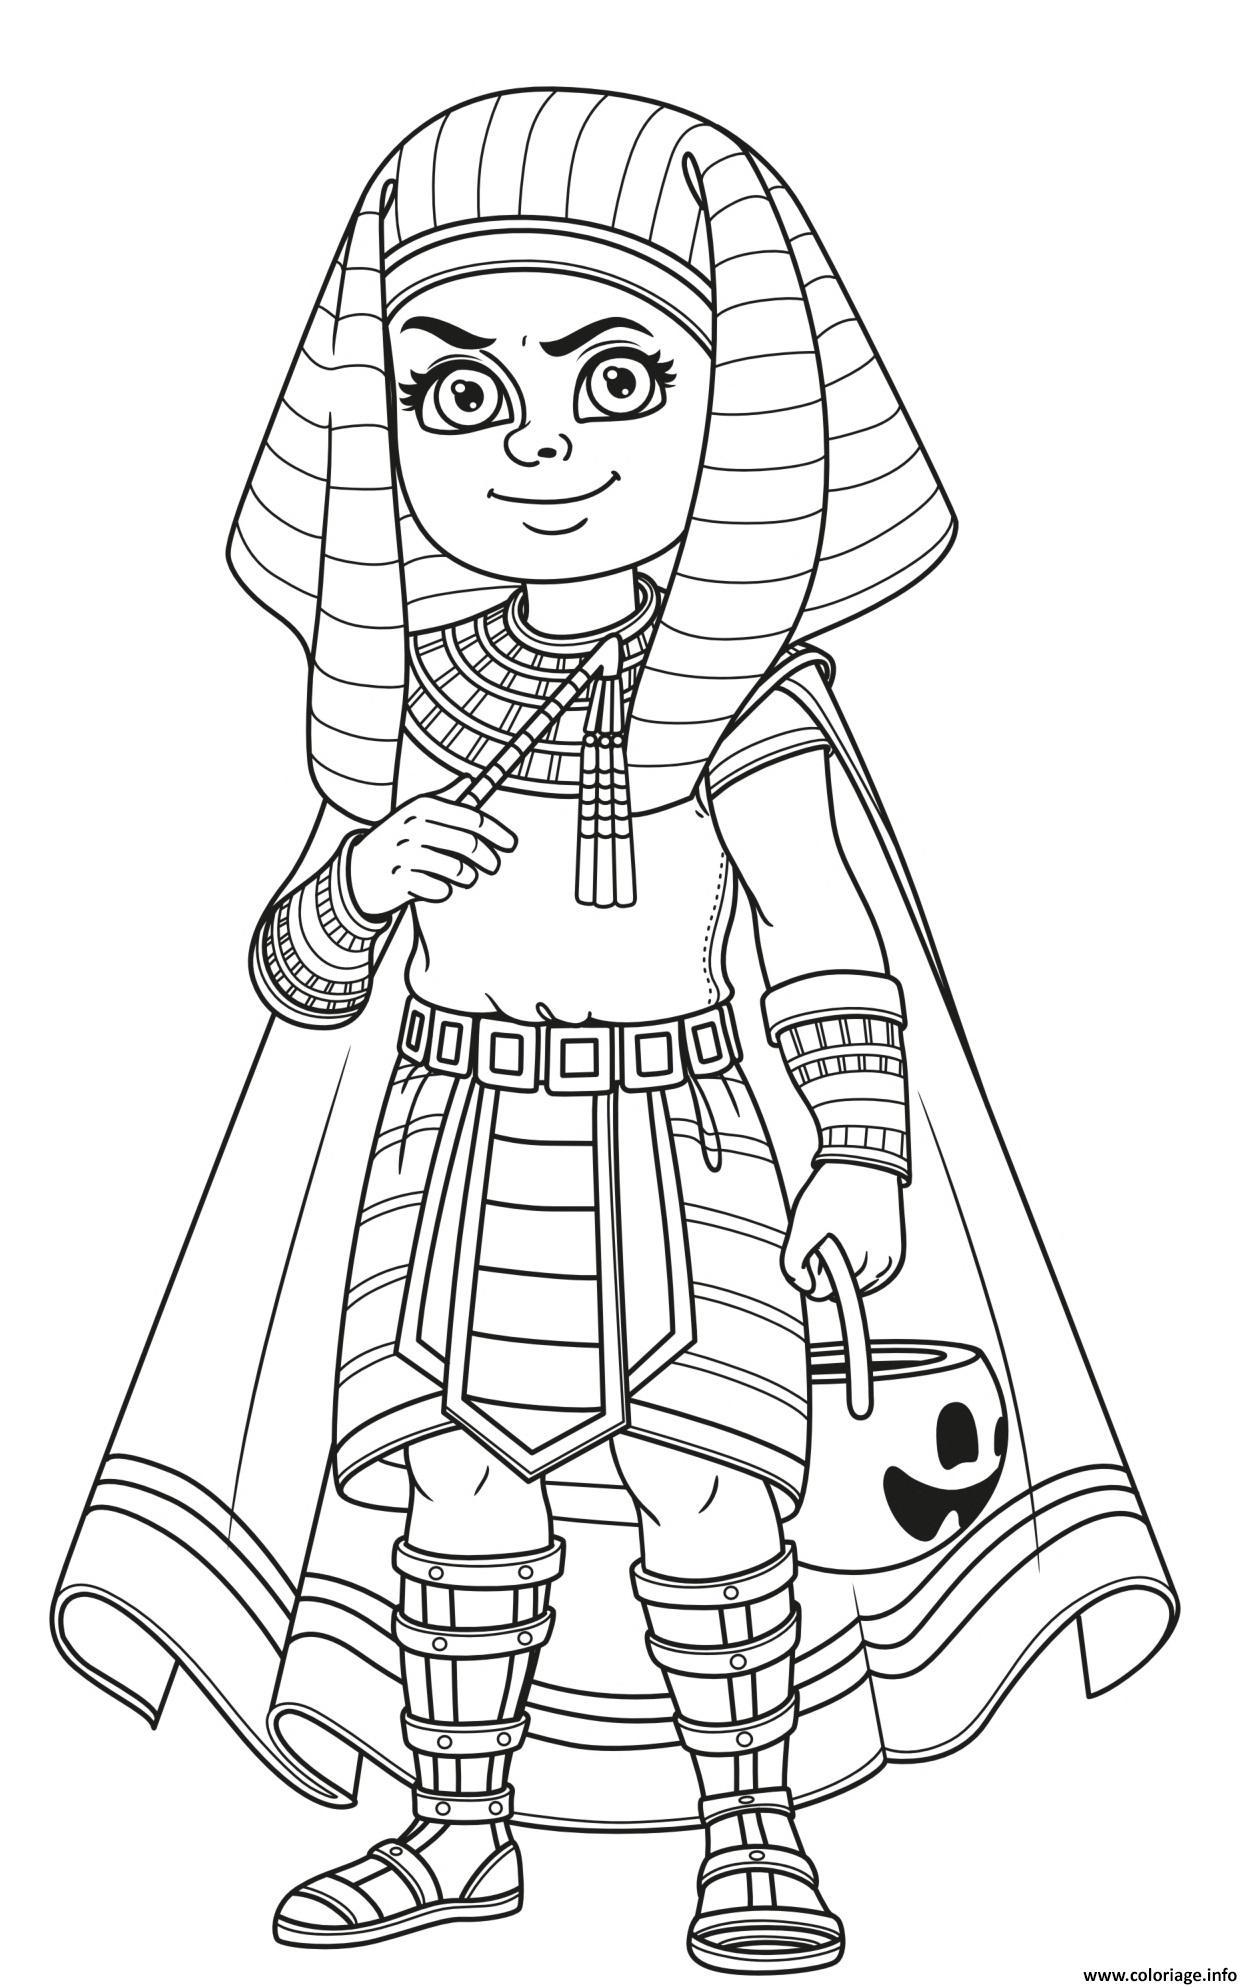 Dessin halloween pharaon garcon costume avec des friandises Coloriage Gratuit à Imprimer